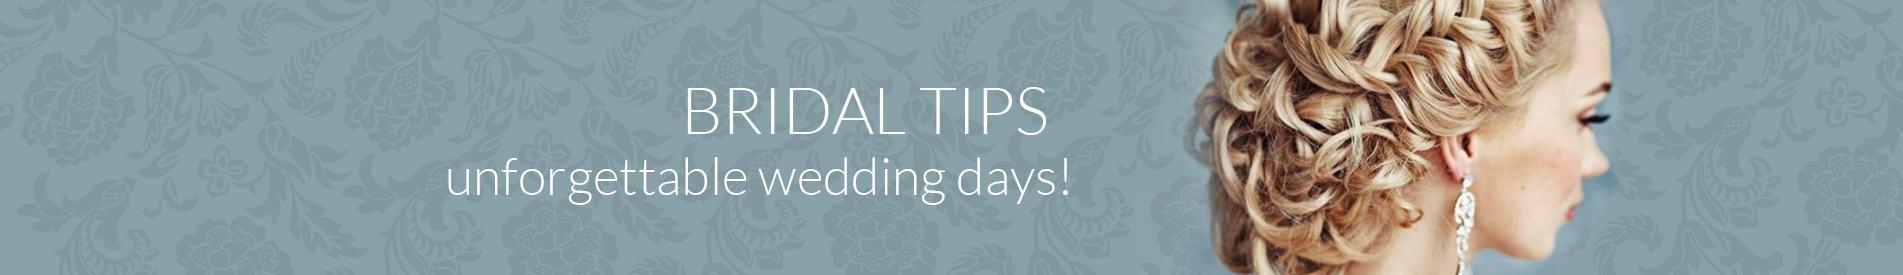 Hair and Beauty Bridal Tips